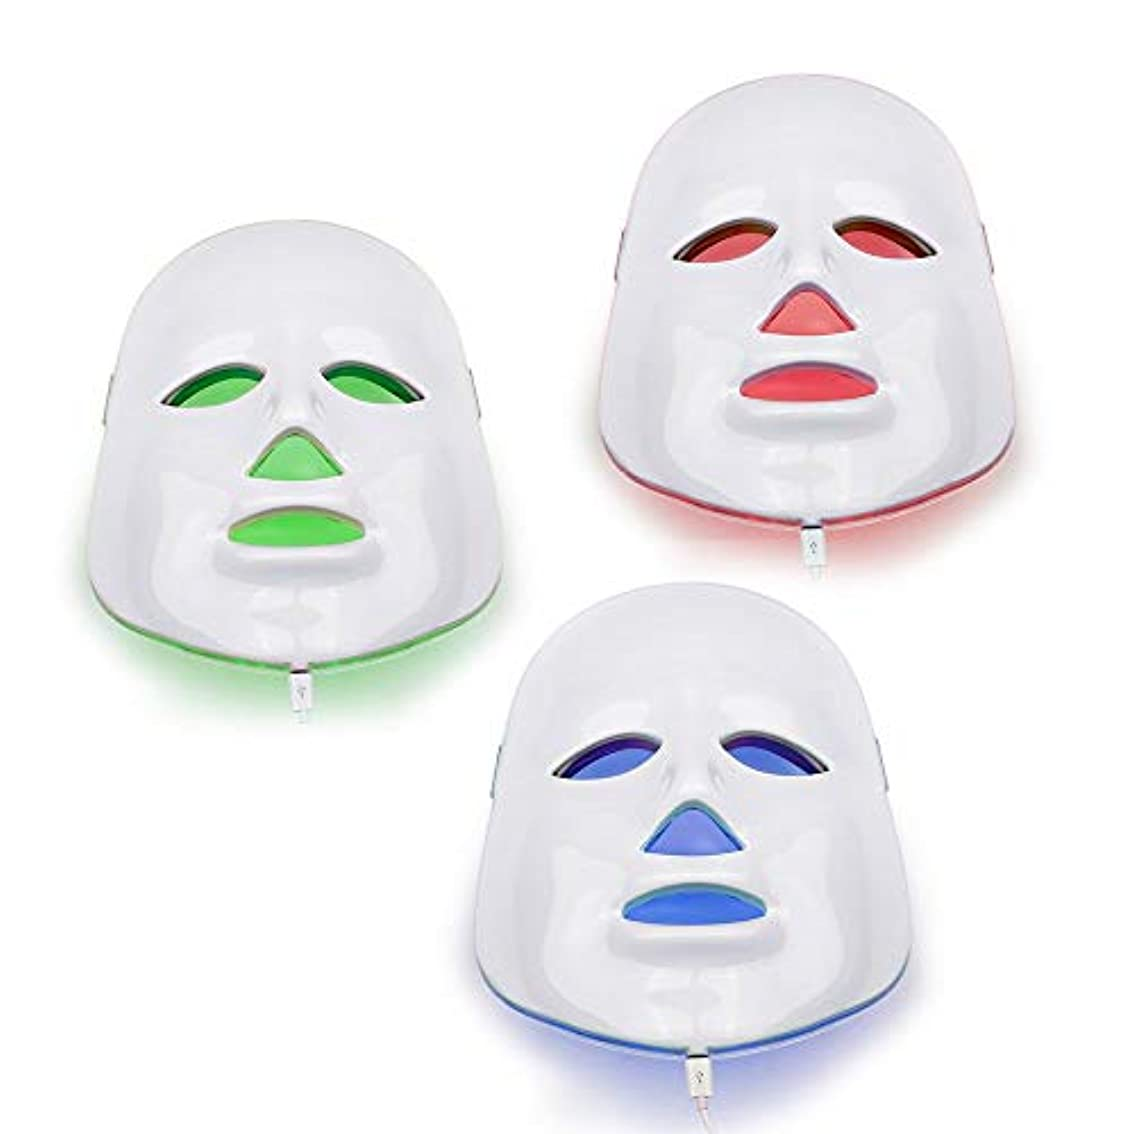 放つマット望まないNORLANYA BEAUTY EQUIPMENT マスク顔光線療法フェイシャルスキンケアマスカラは皮膚 調色しわ除去 用 光を主導主導しました